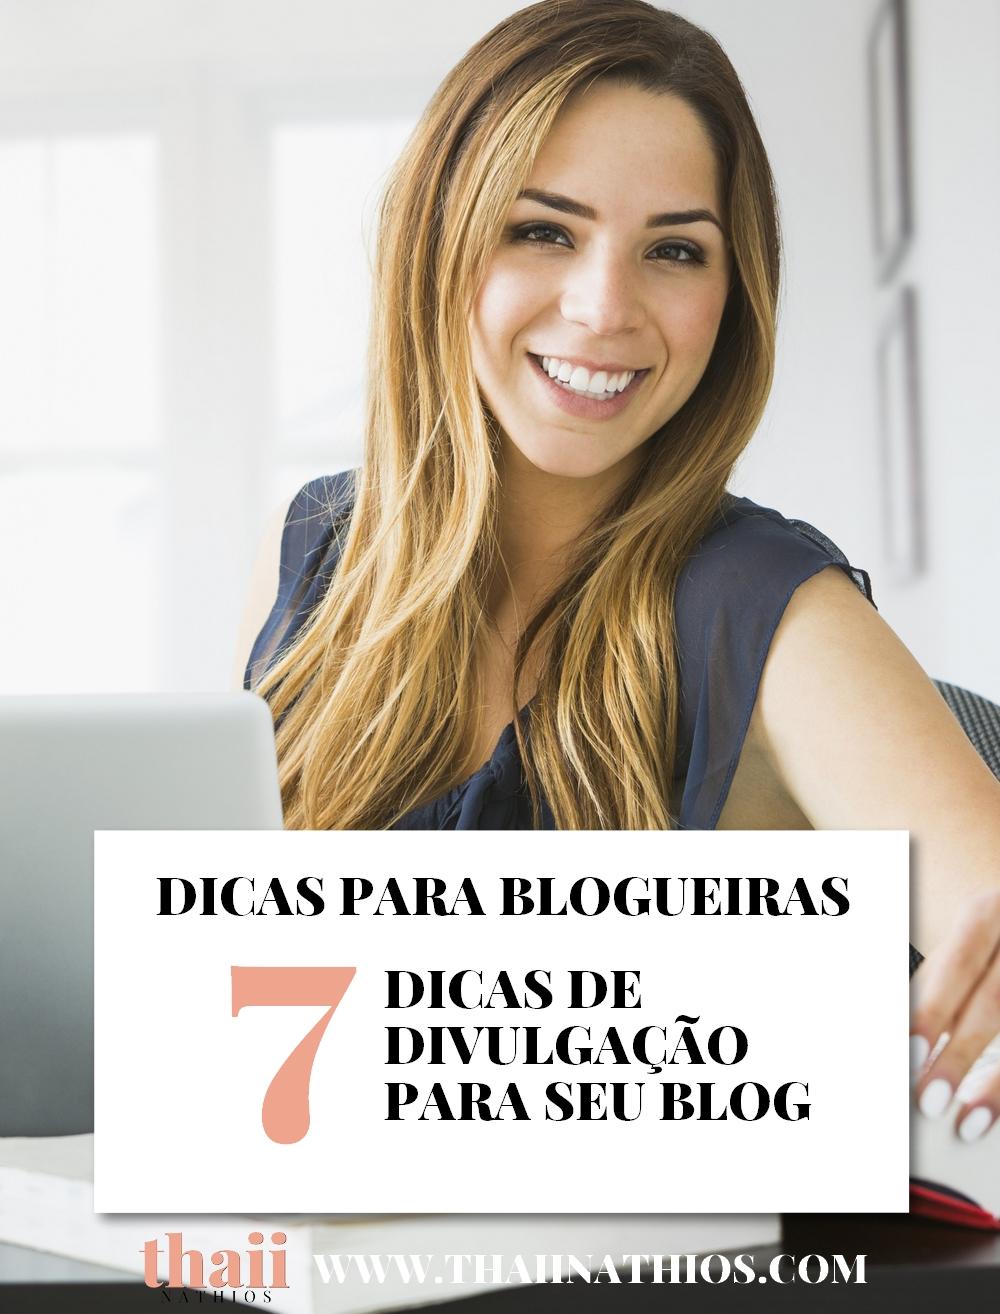 7 Dicas de Divulgação para seu Blog